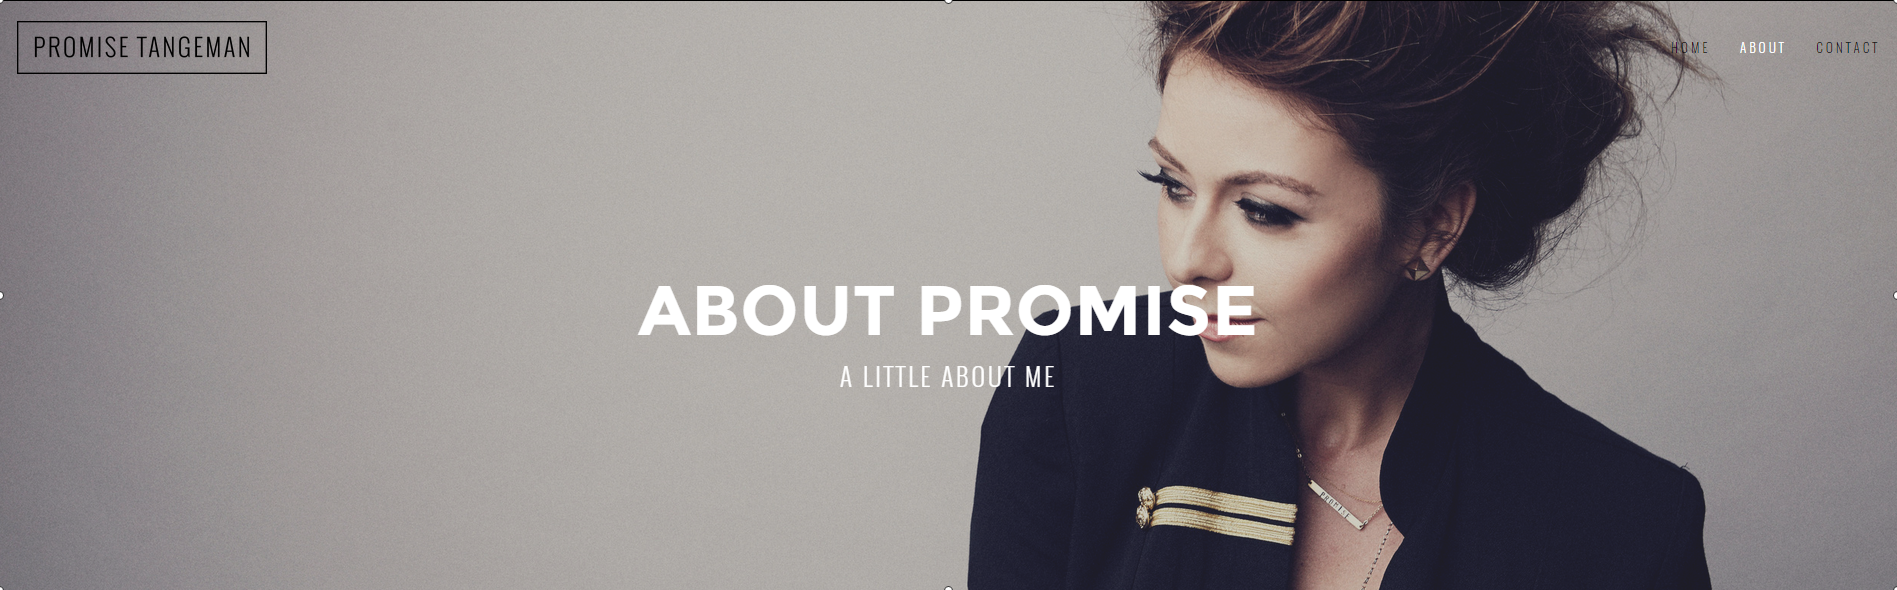 ABOUT — PROMISETANGEMAN